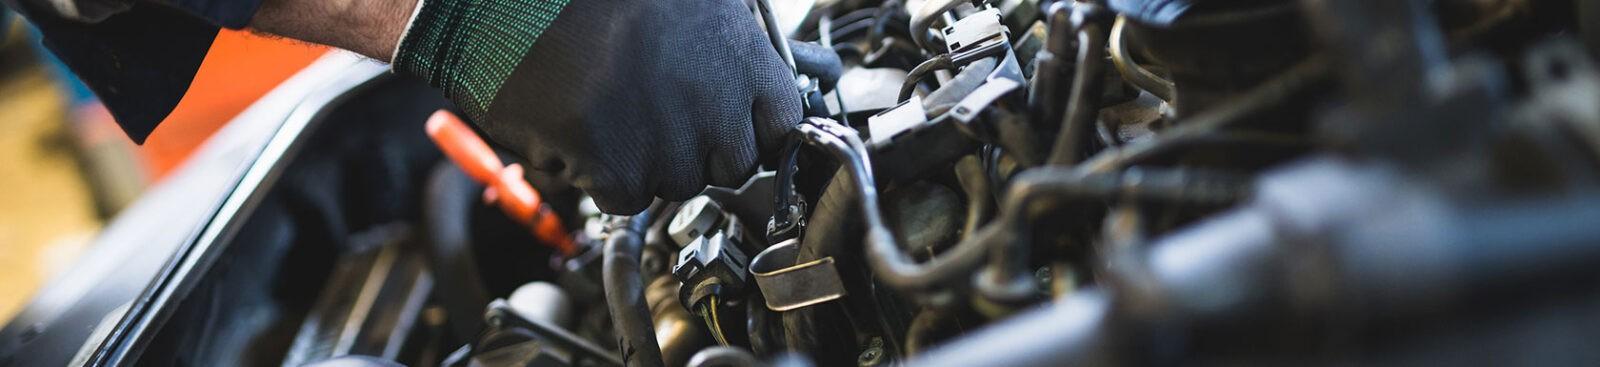 Капитальный ремонт бензиновых двигателей